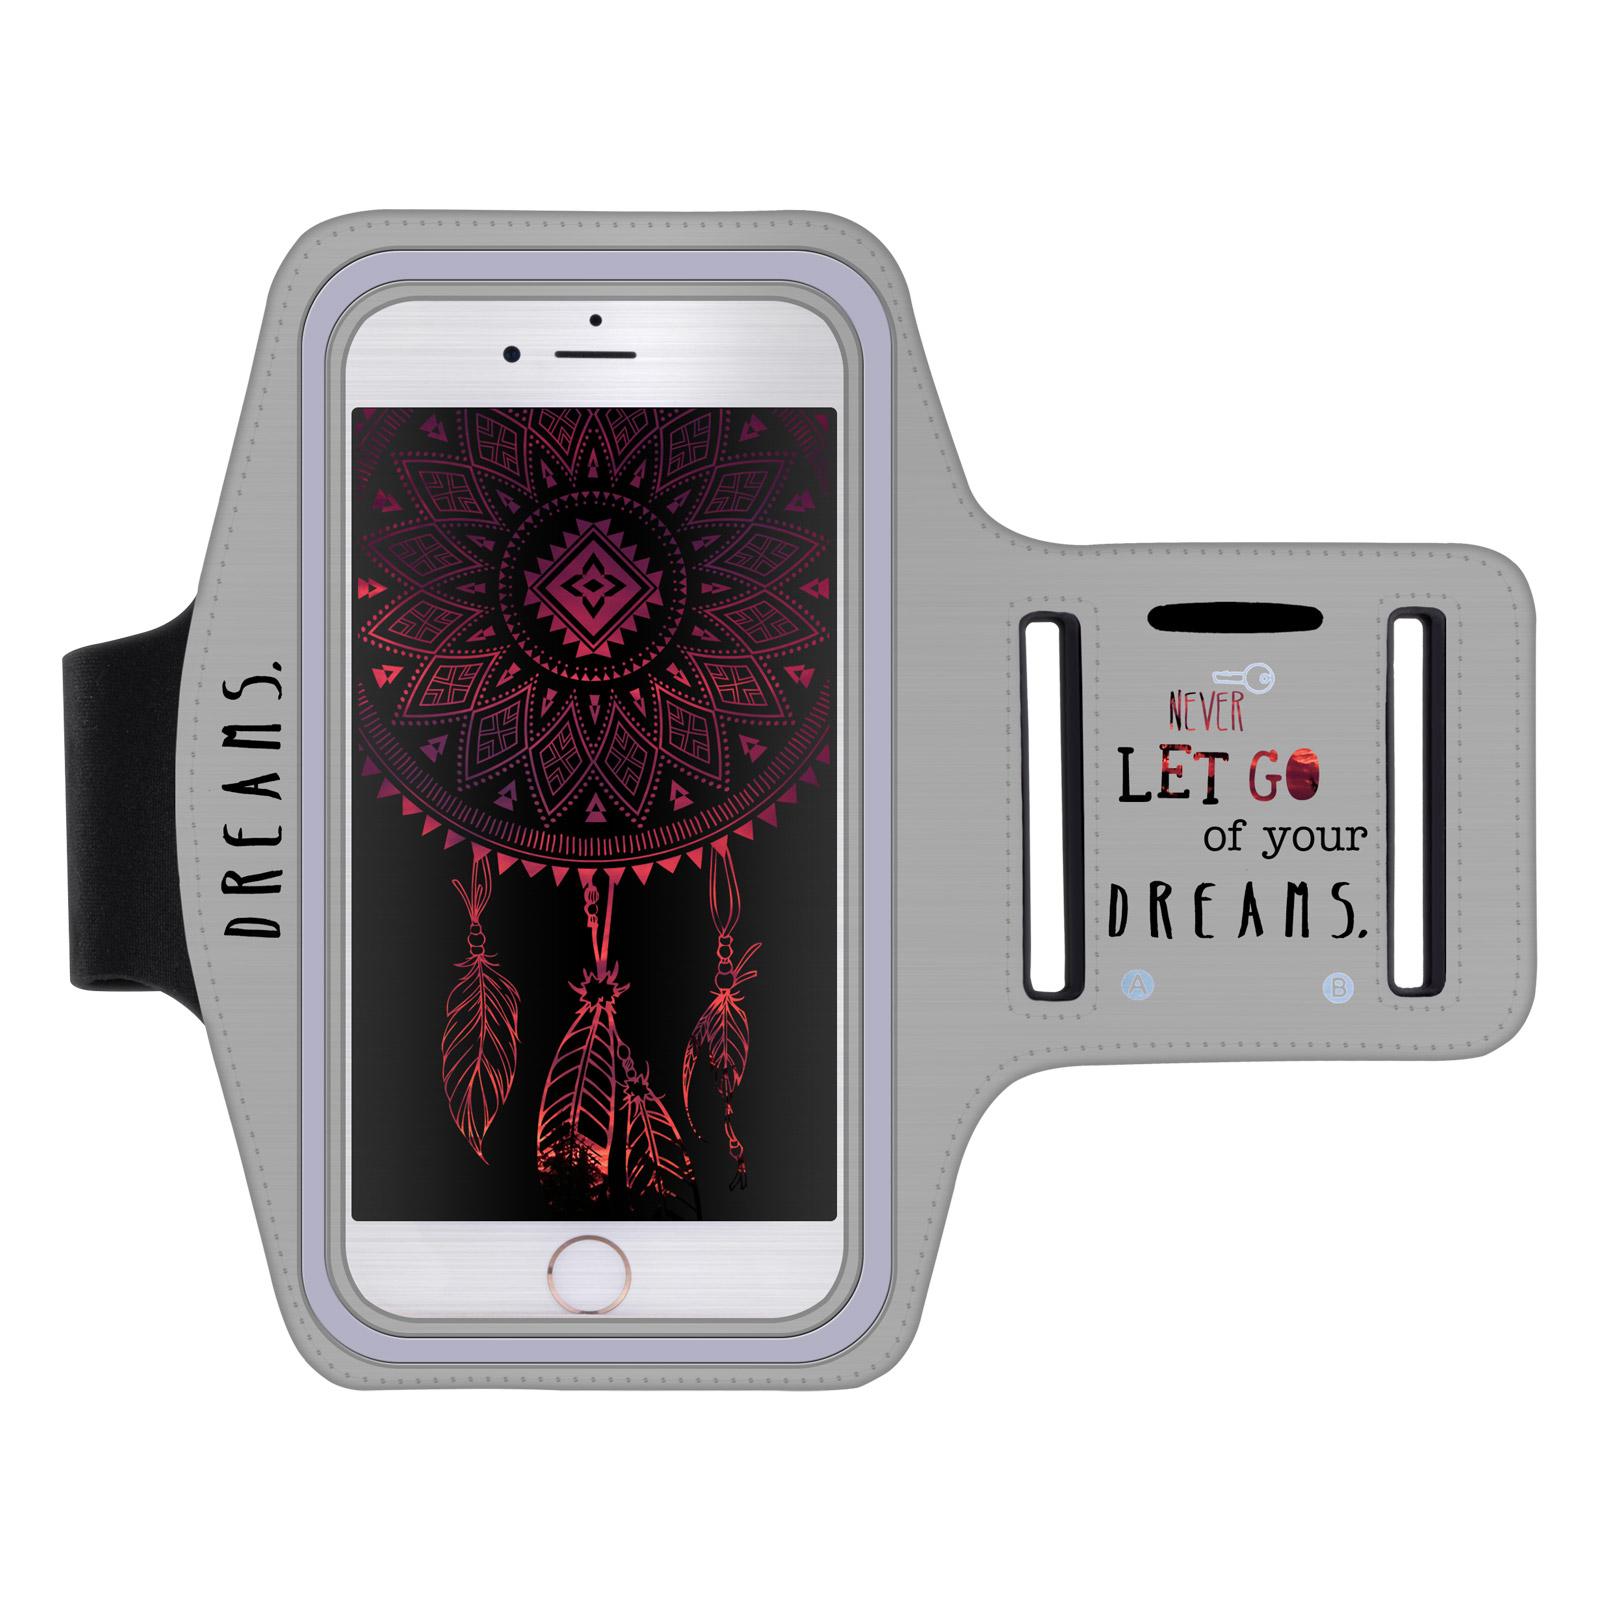 """Sportovní pouzdro NEVER DREAMS pro mobily do 5,5"""" iPhone 6 Plus/ S7 Edge šedé (Pouzdro na běhání pro mobilní telefony do 5,5 palců)"""